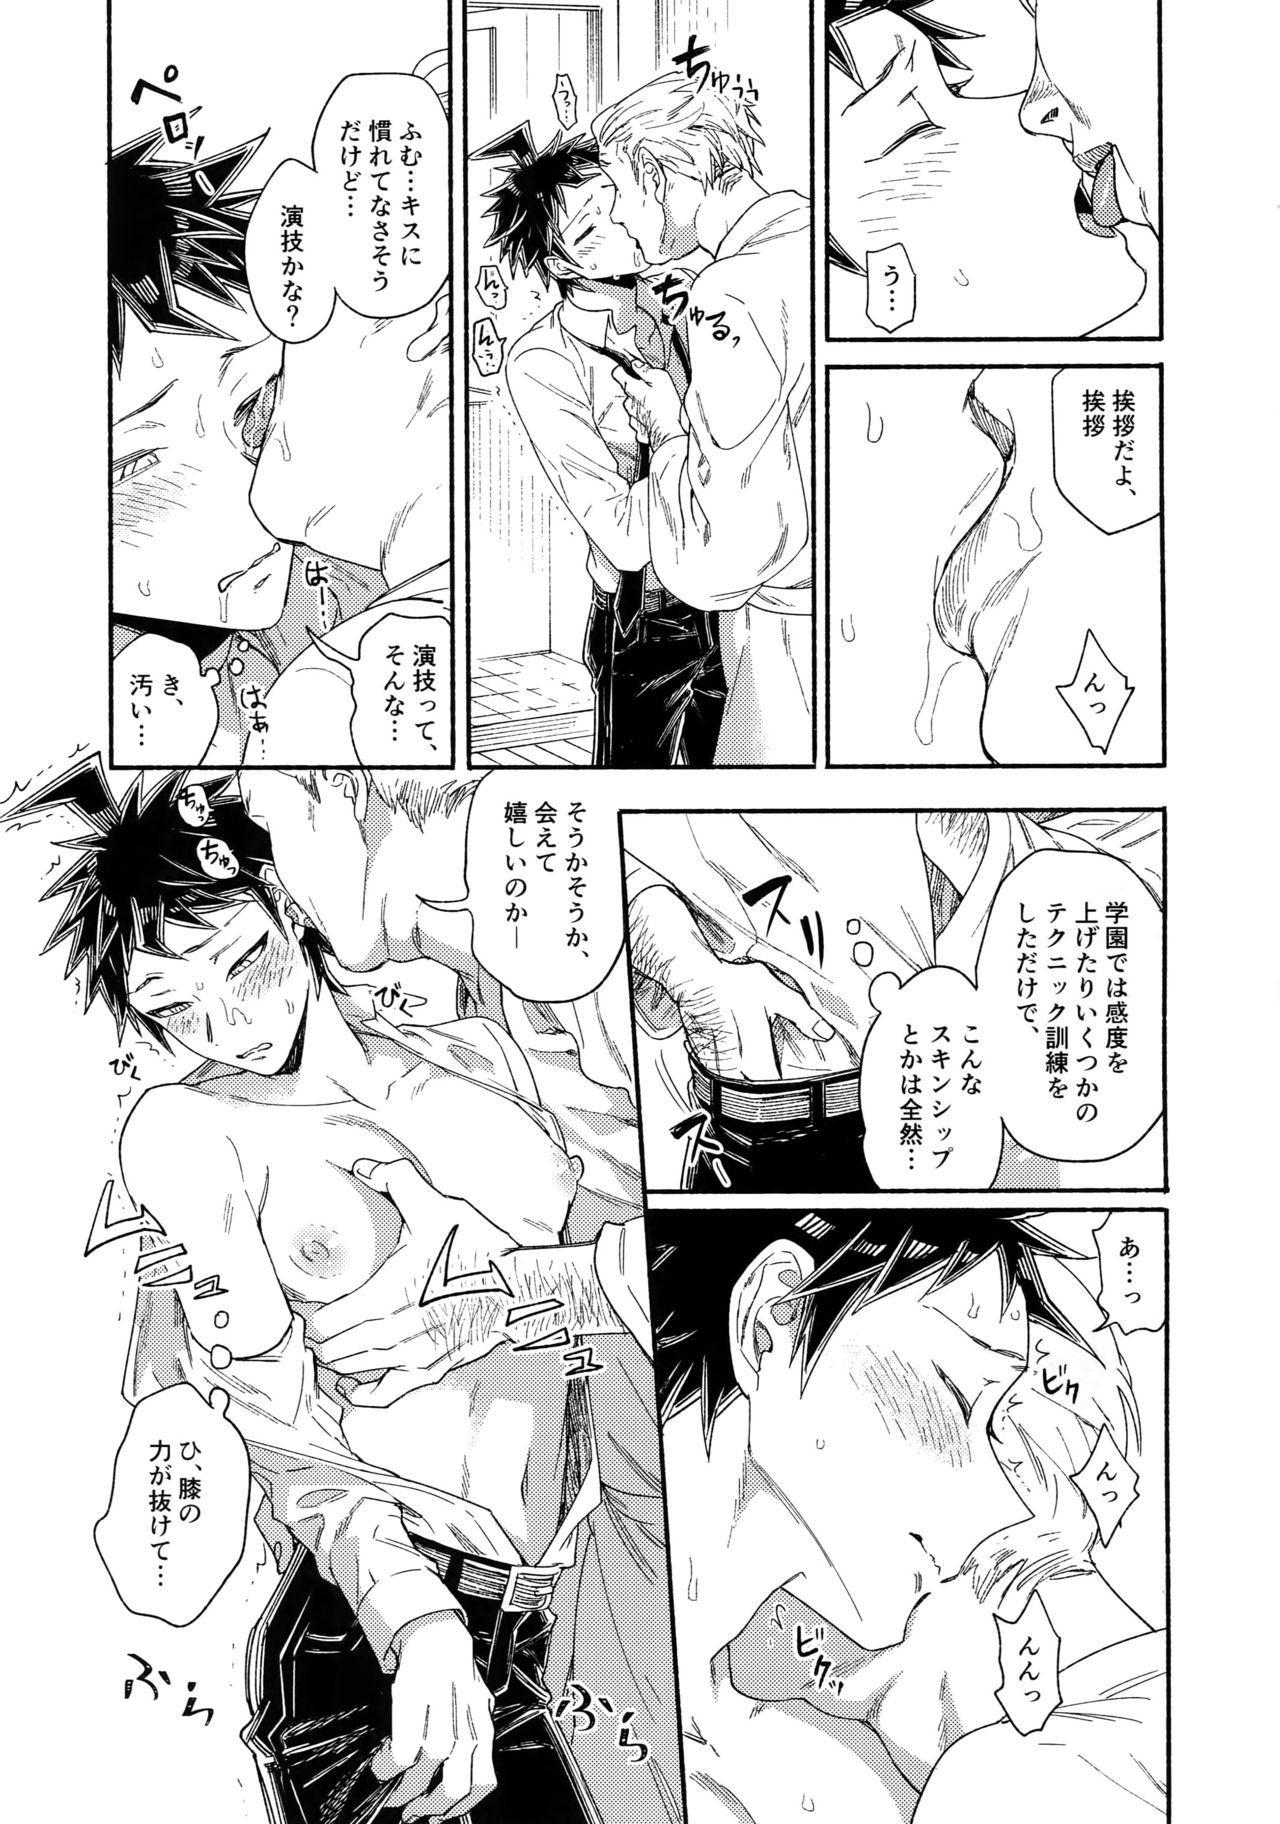 Aisareru Yobi Gakka 5